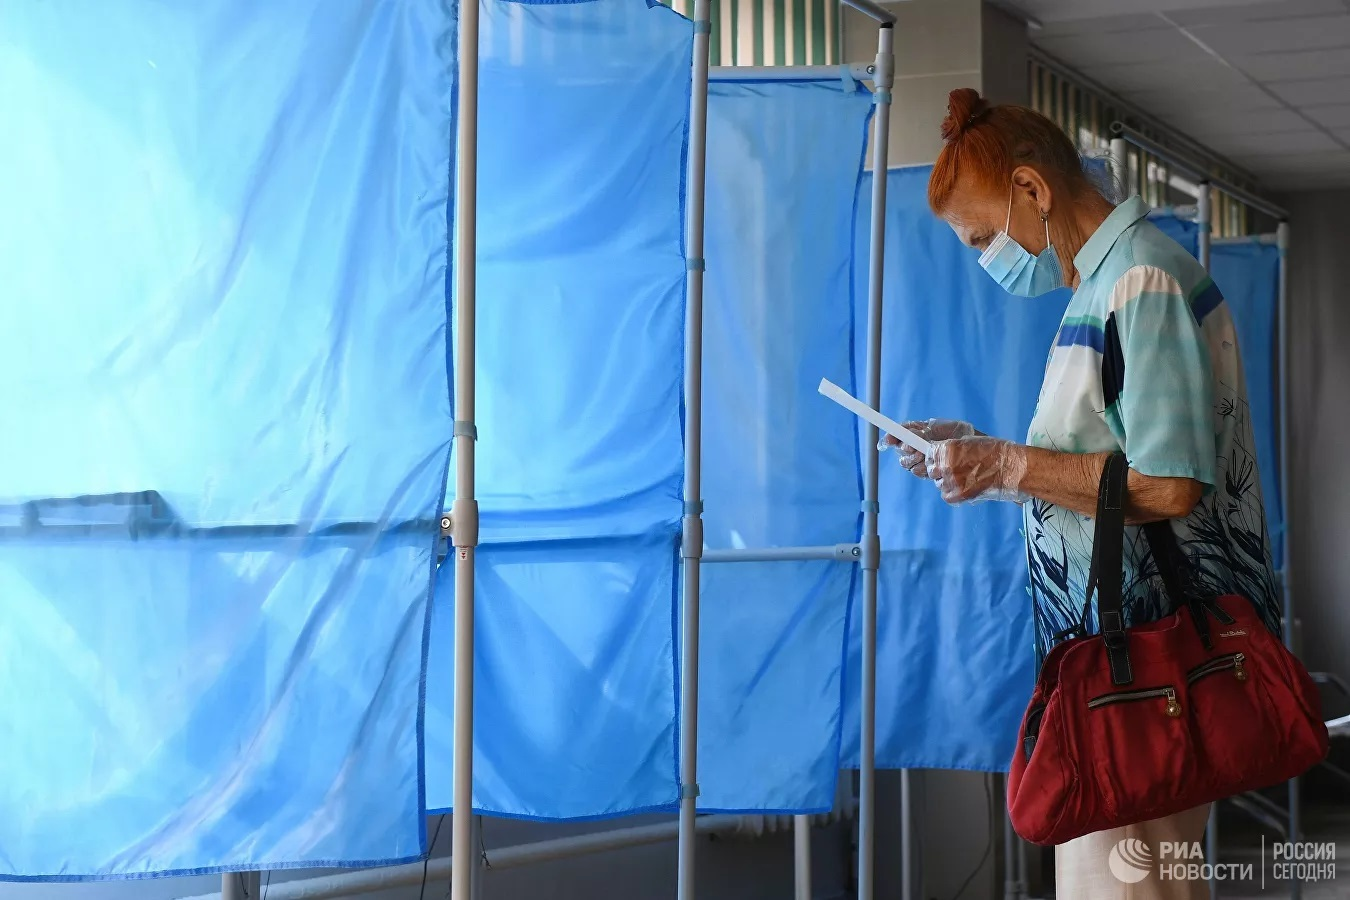 Ông Medvedev không đeo khẩu trang và găng tay khi đi bỏ phiếu sửa đổi Hiến pháp